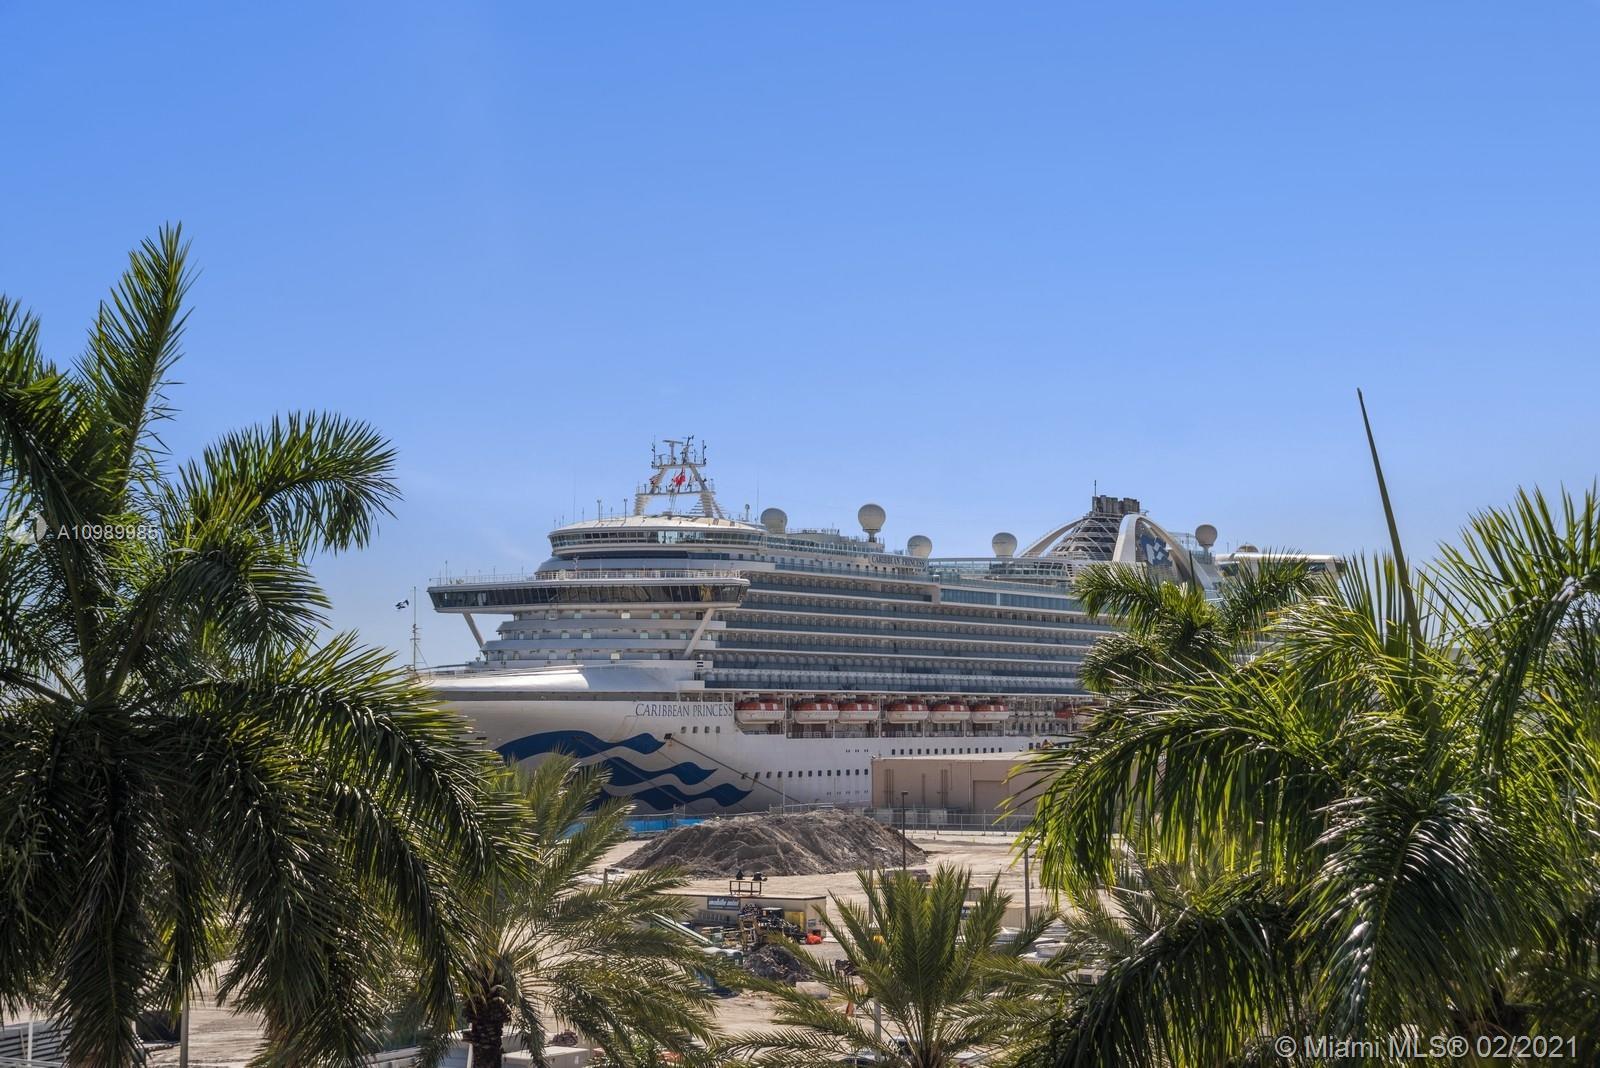 Port Condo #509 - 27 - photo